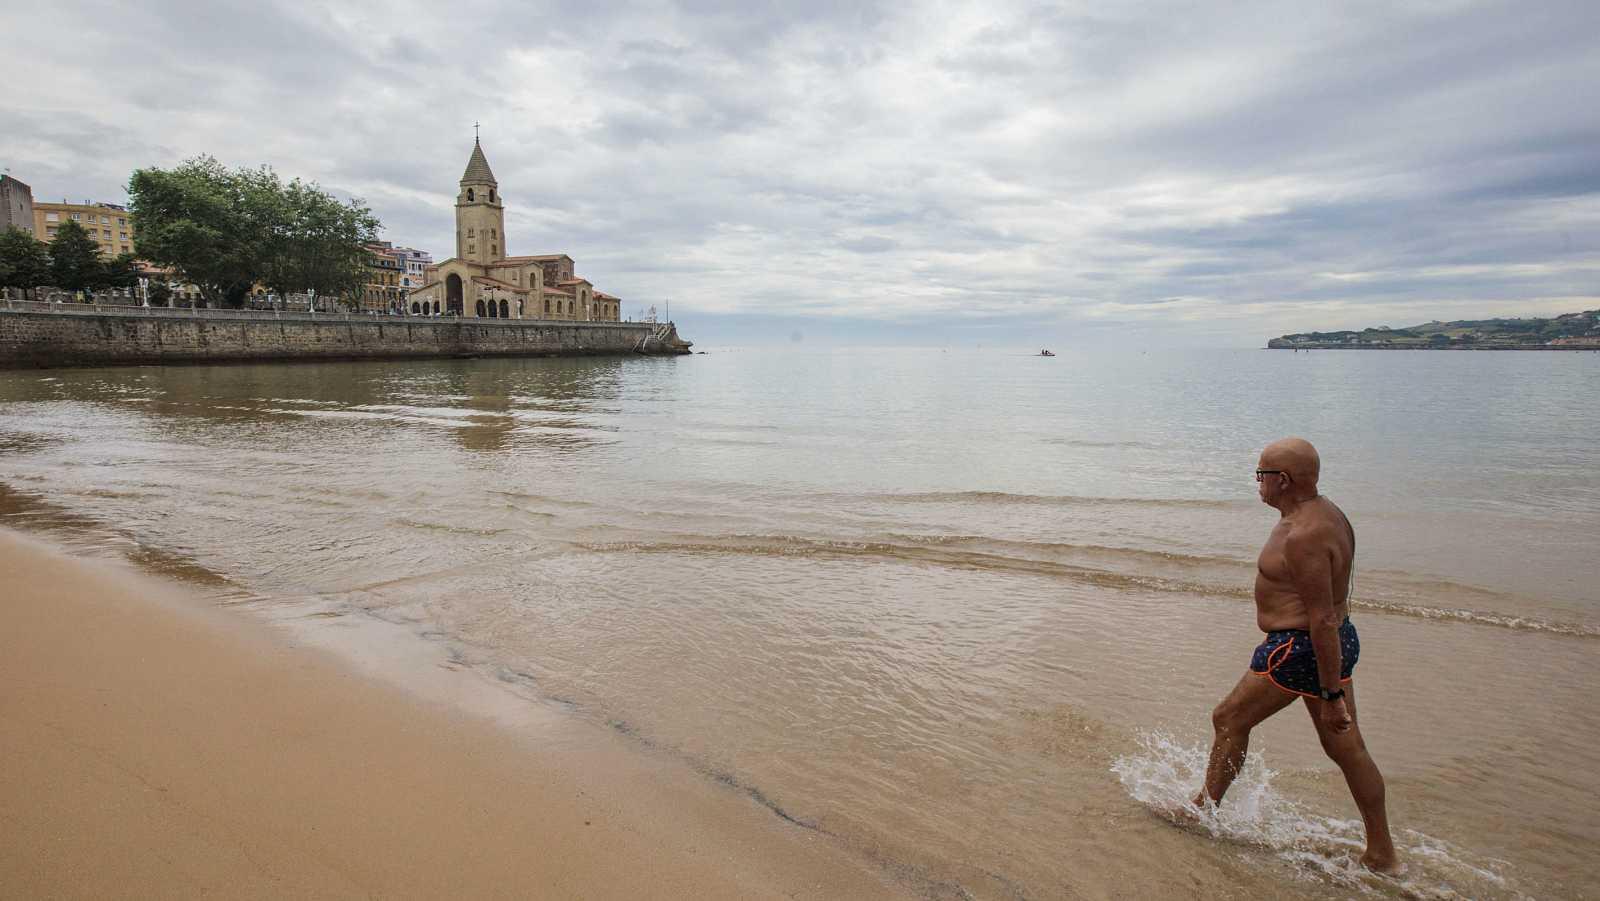 Un hombre avanza por la playa de San Lorenzo de Gijón, vacía en un día nublado y dejando atrás la fase dura del confinamiento en España.